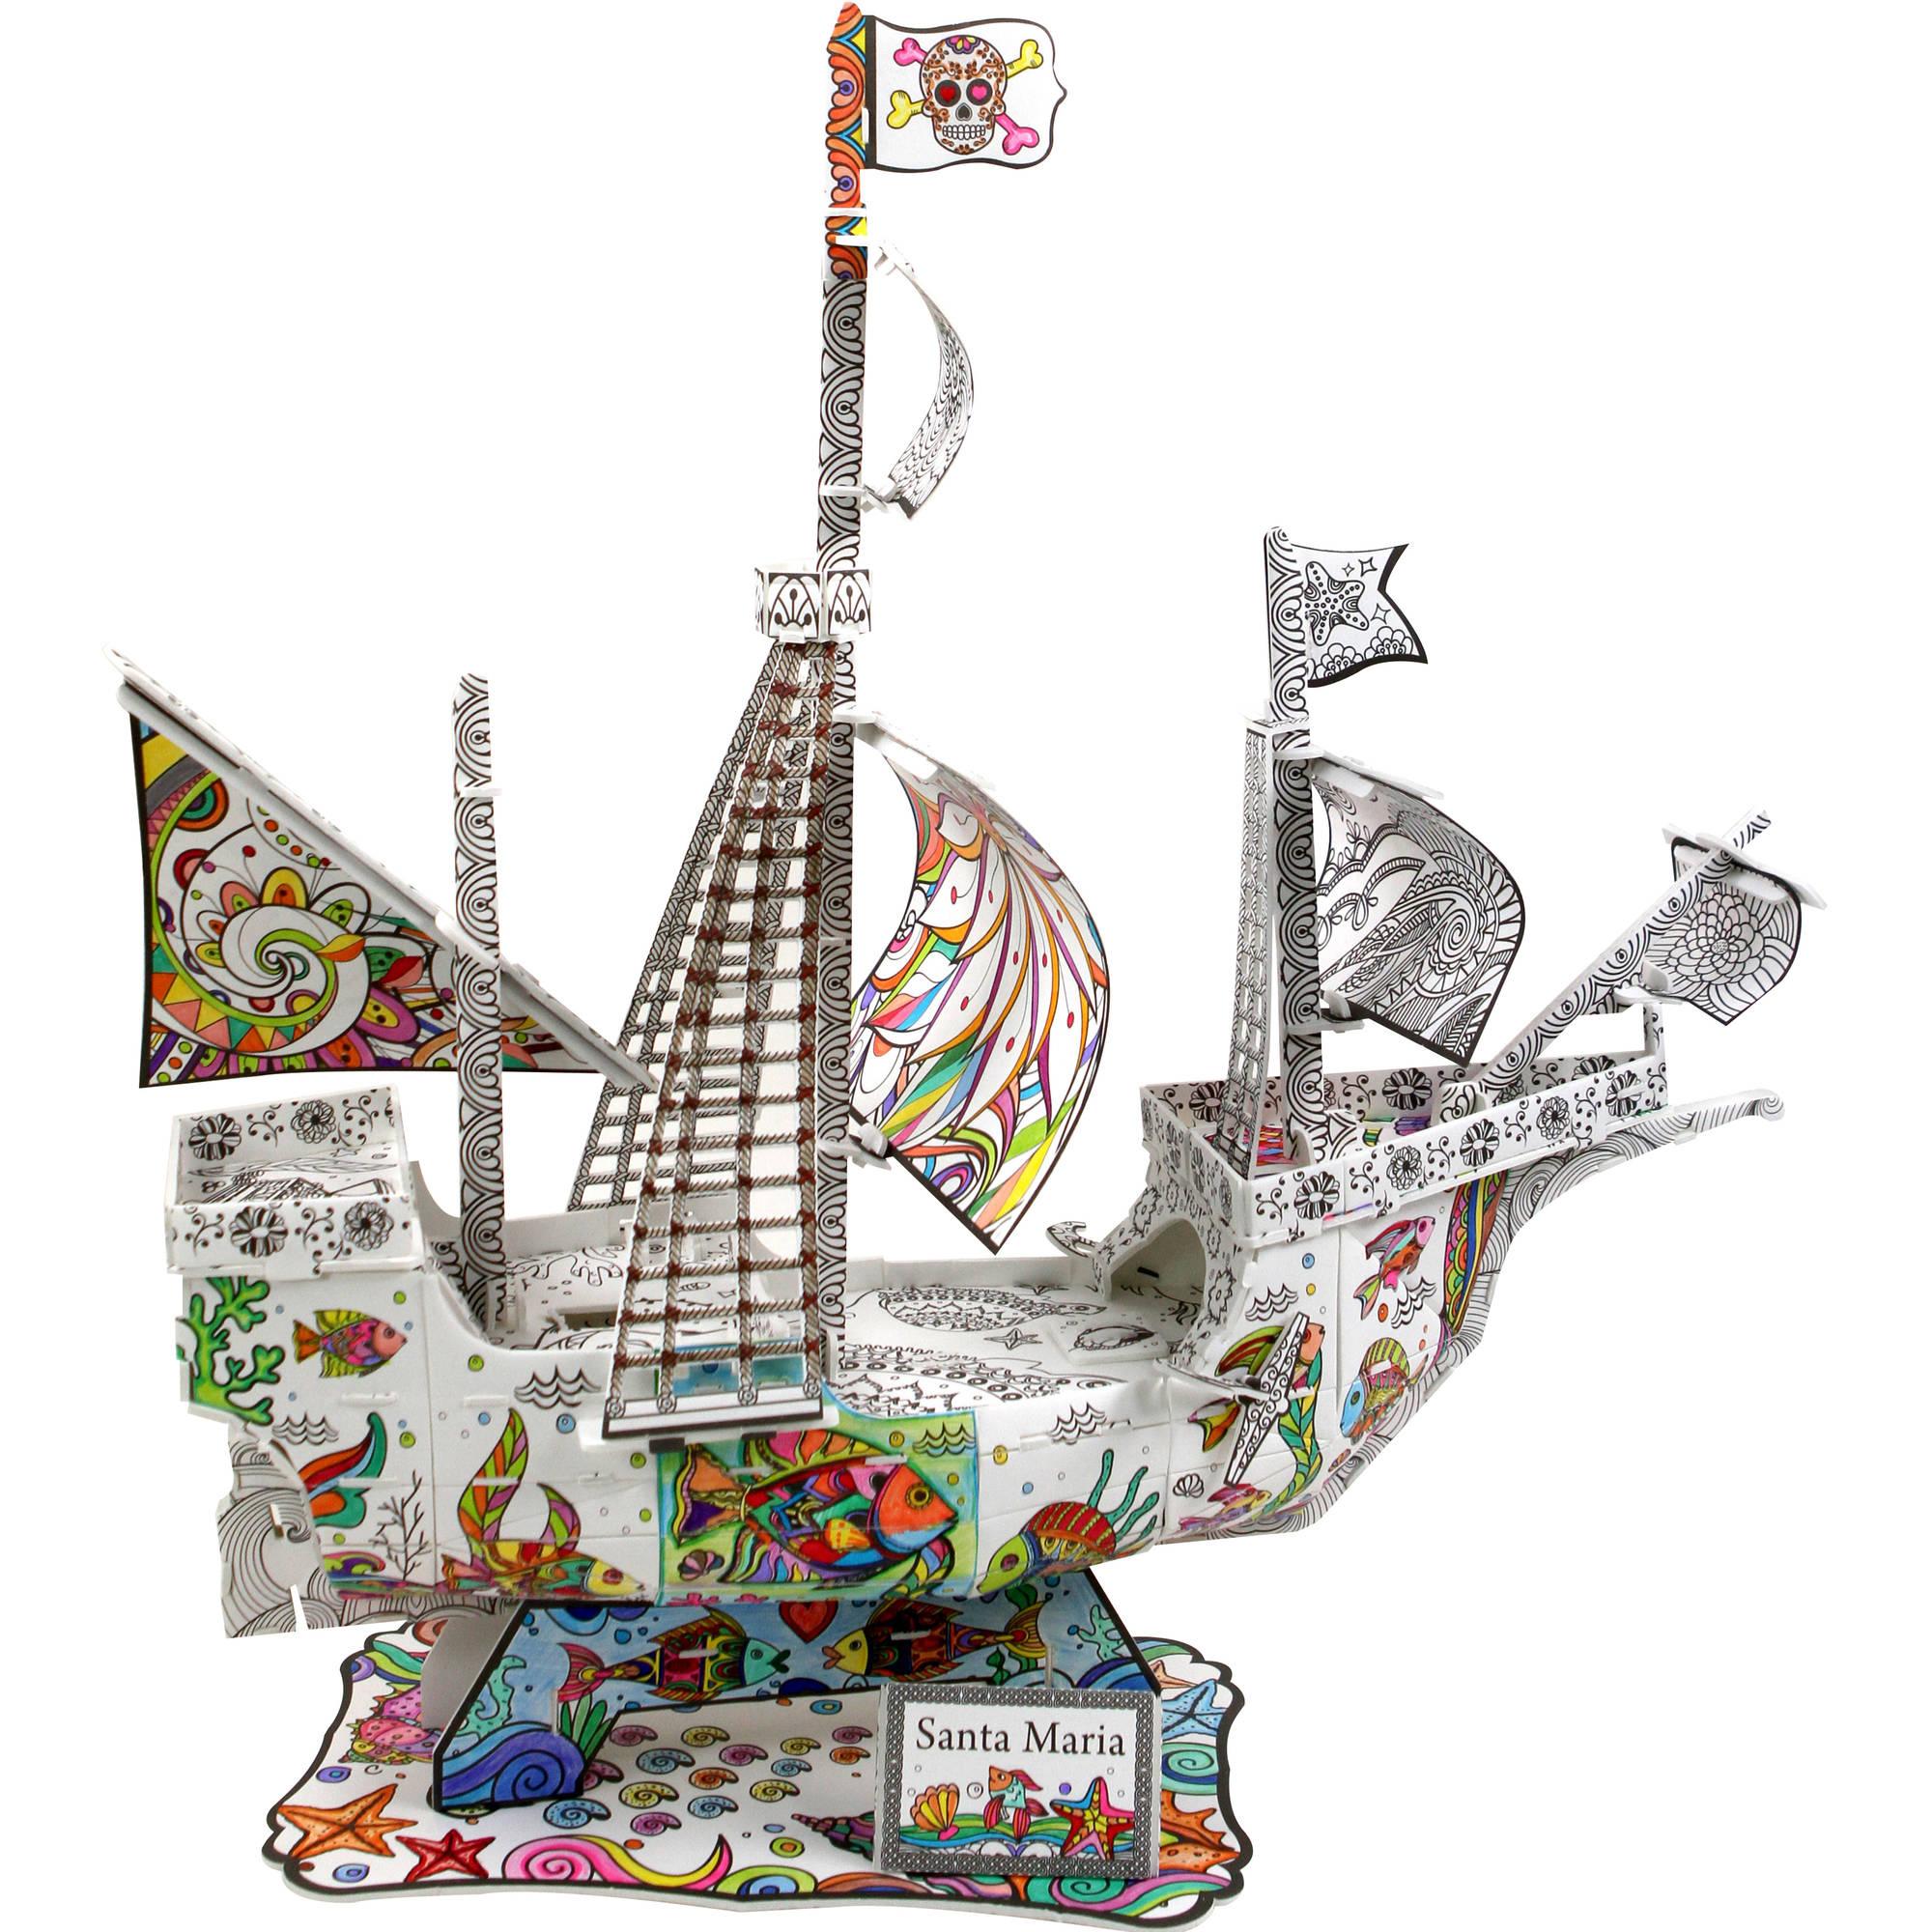 Image of Santa Maria Coloring 3D Puzzle, 102-Pieces